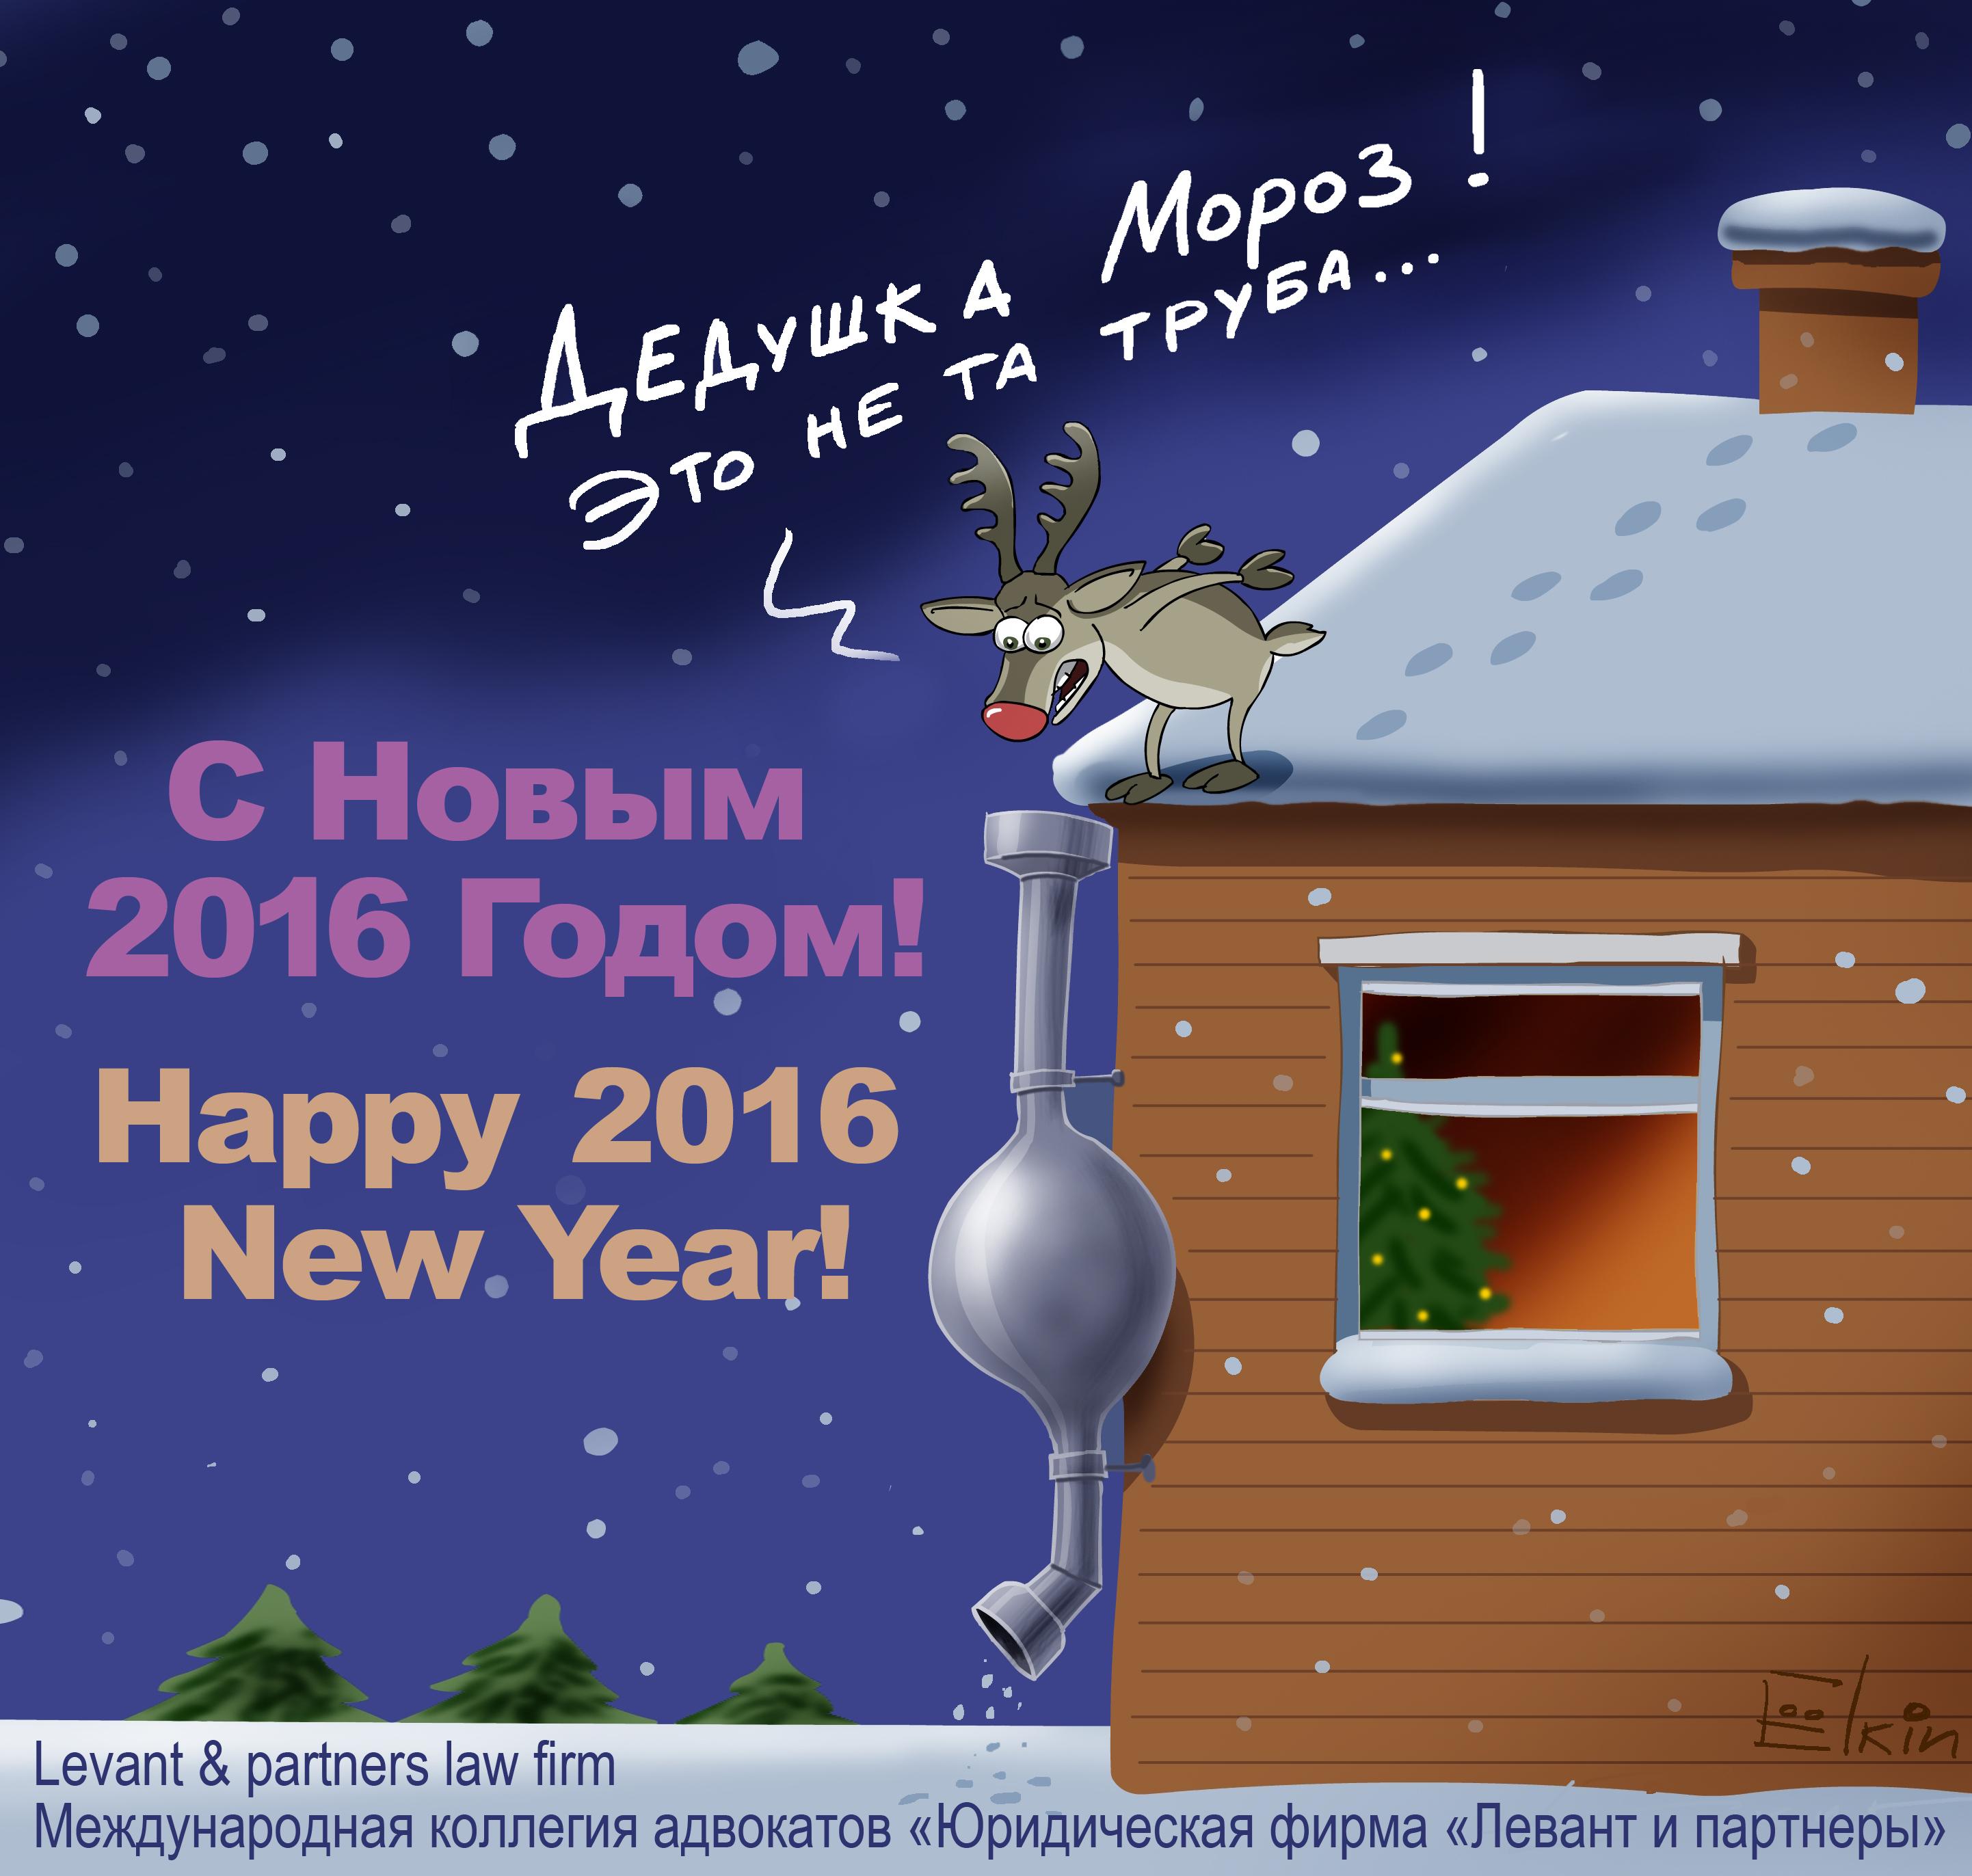 Смешные статусы про новый год в контакте